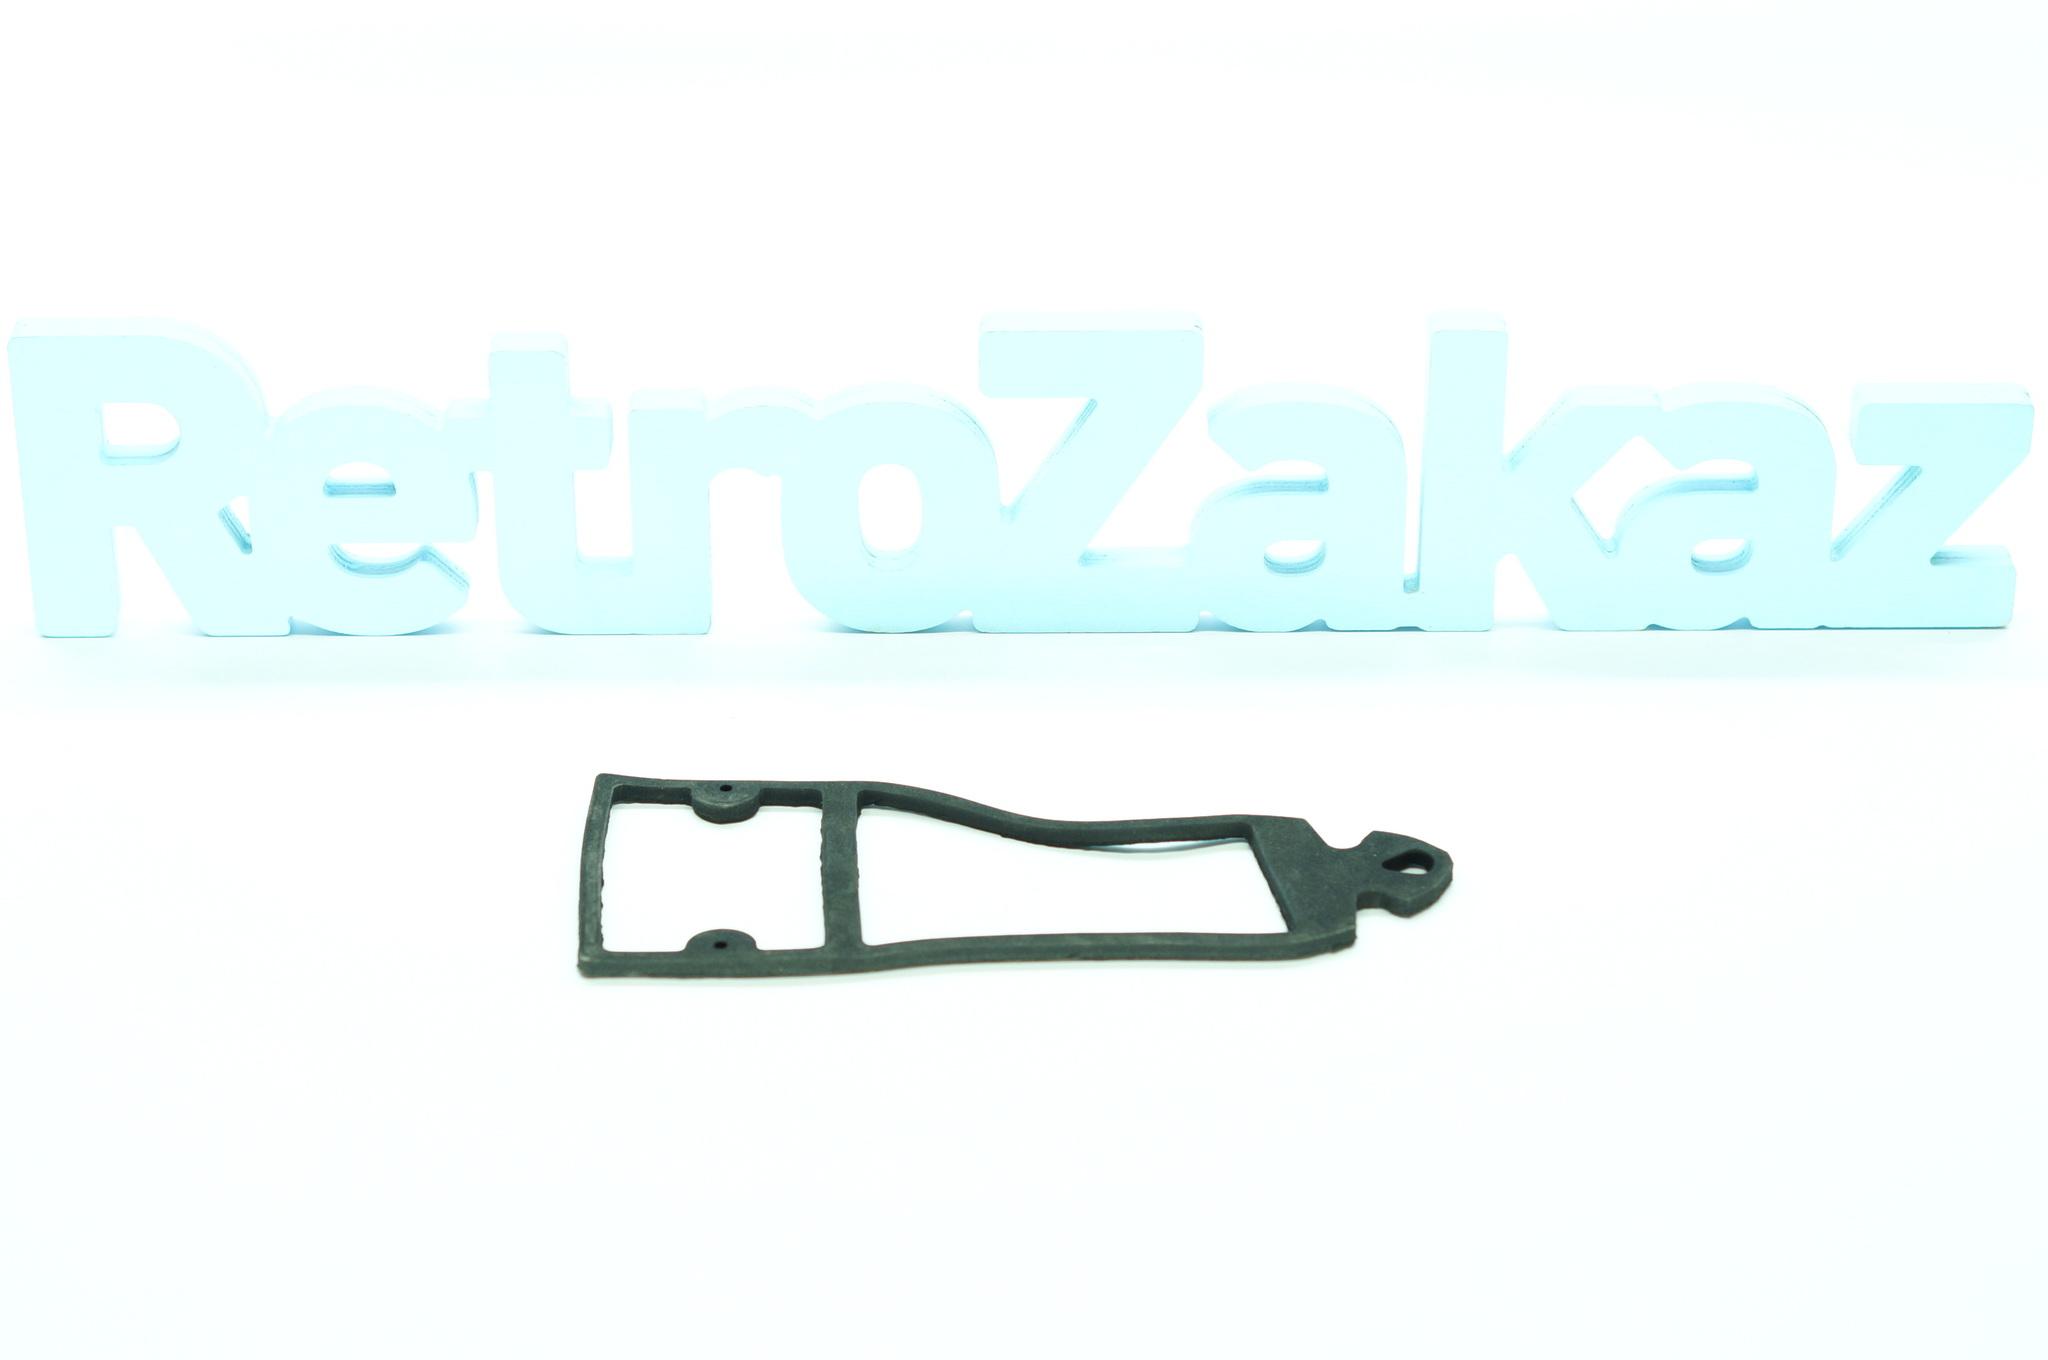 Прокладка стекла заднего фонаря Газ 21 3 серии